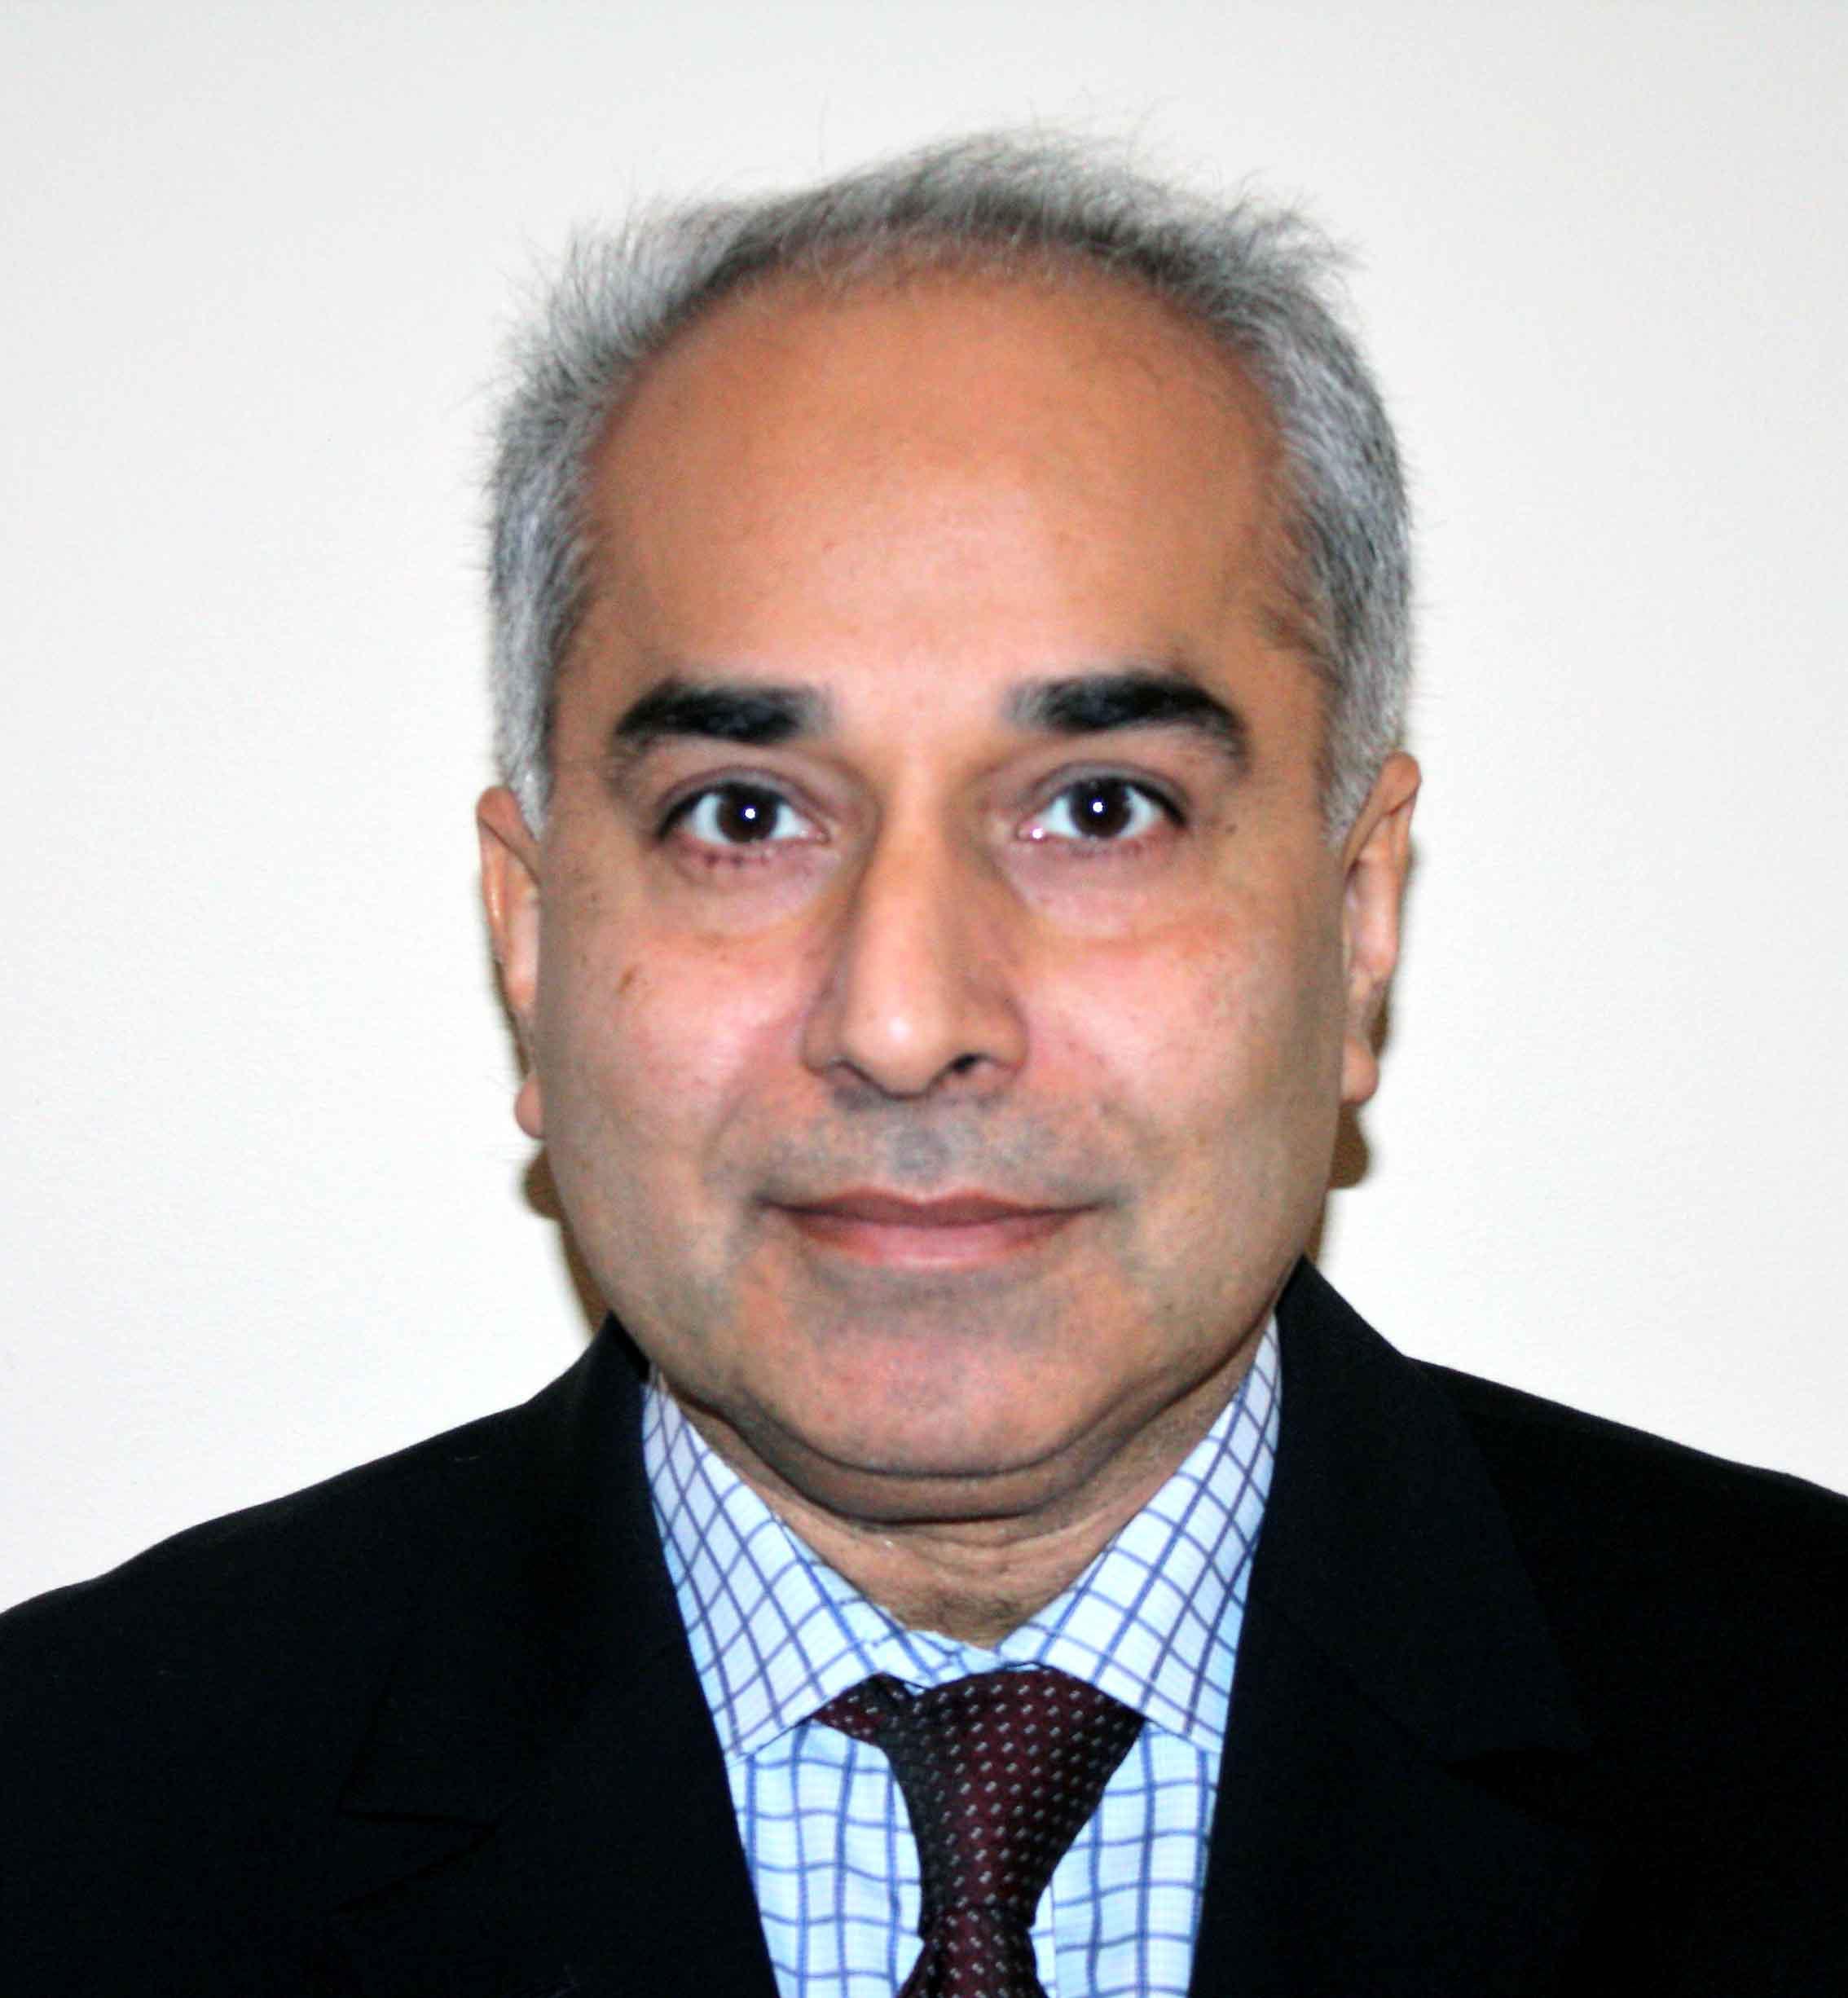 Kashif Poshni